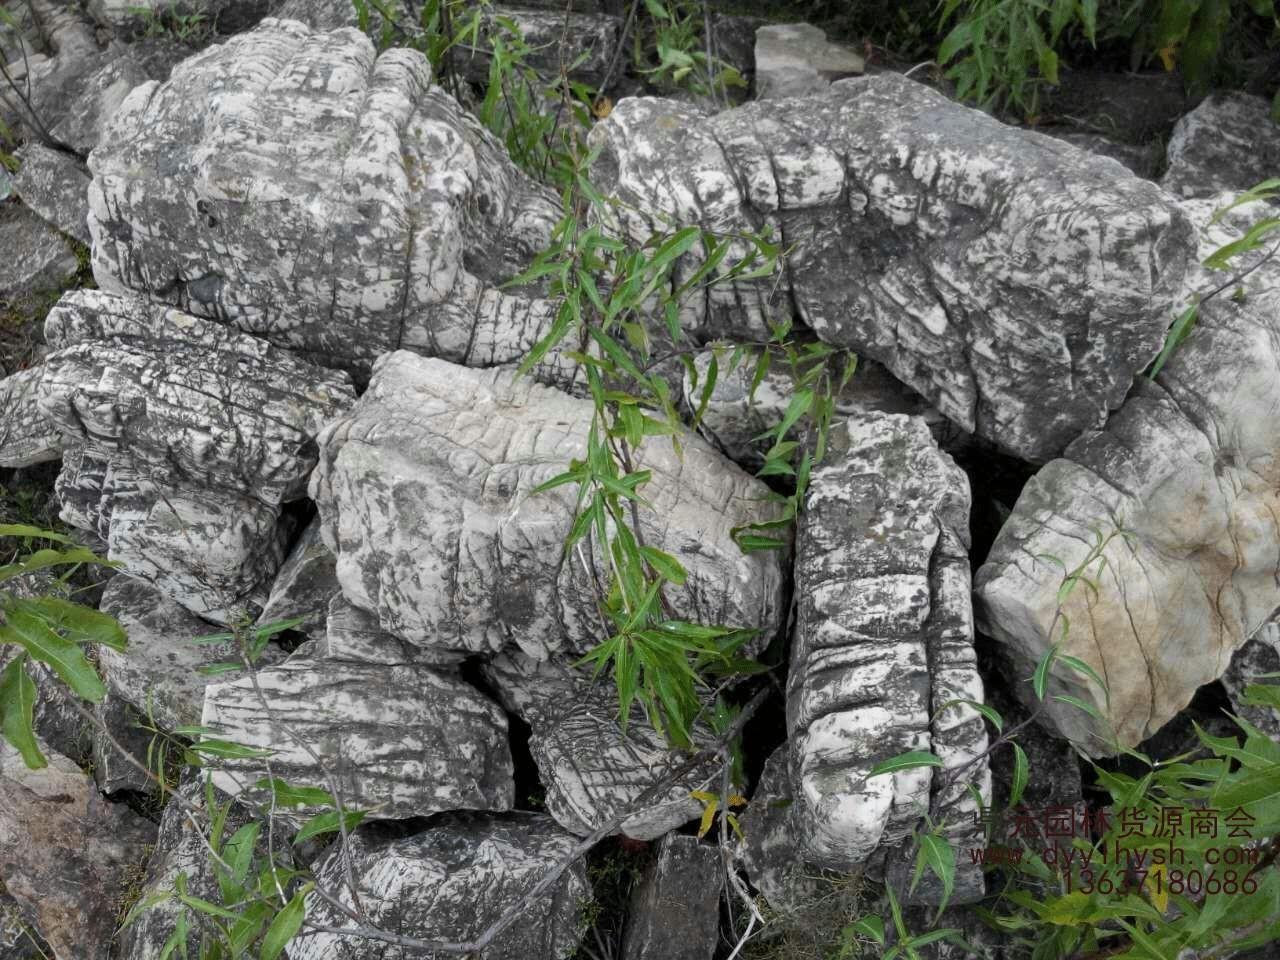 龟纹石形态特征是怎样的?